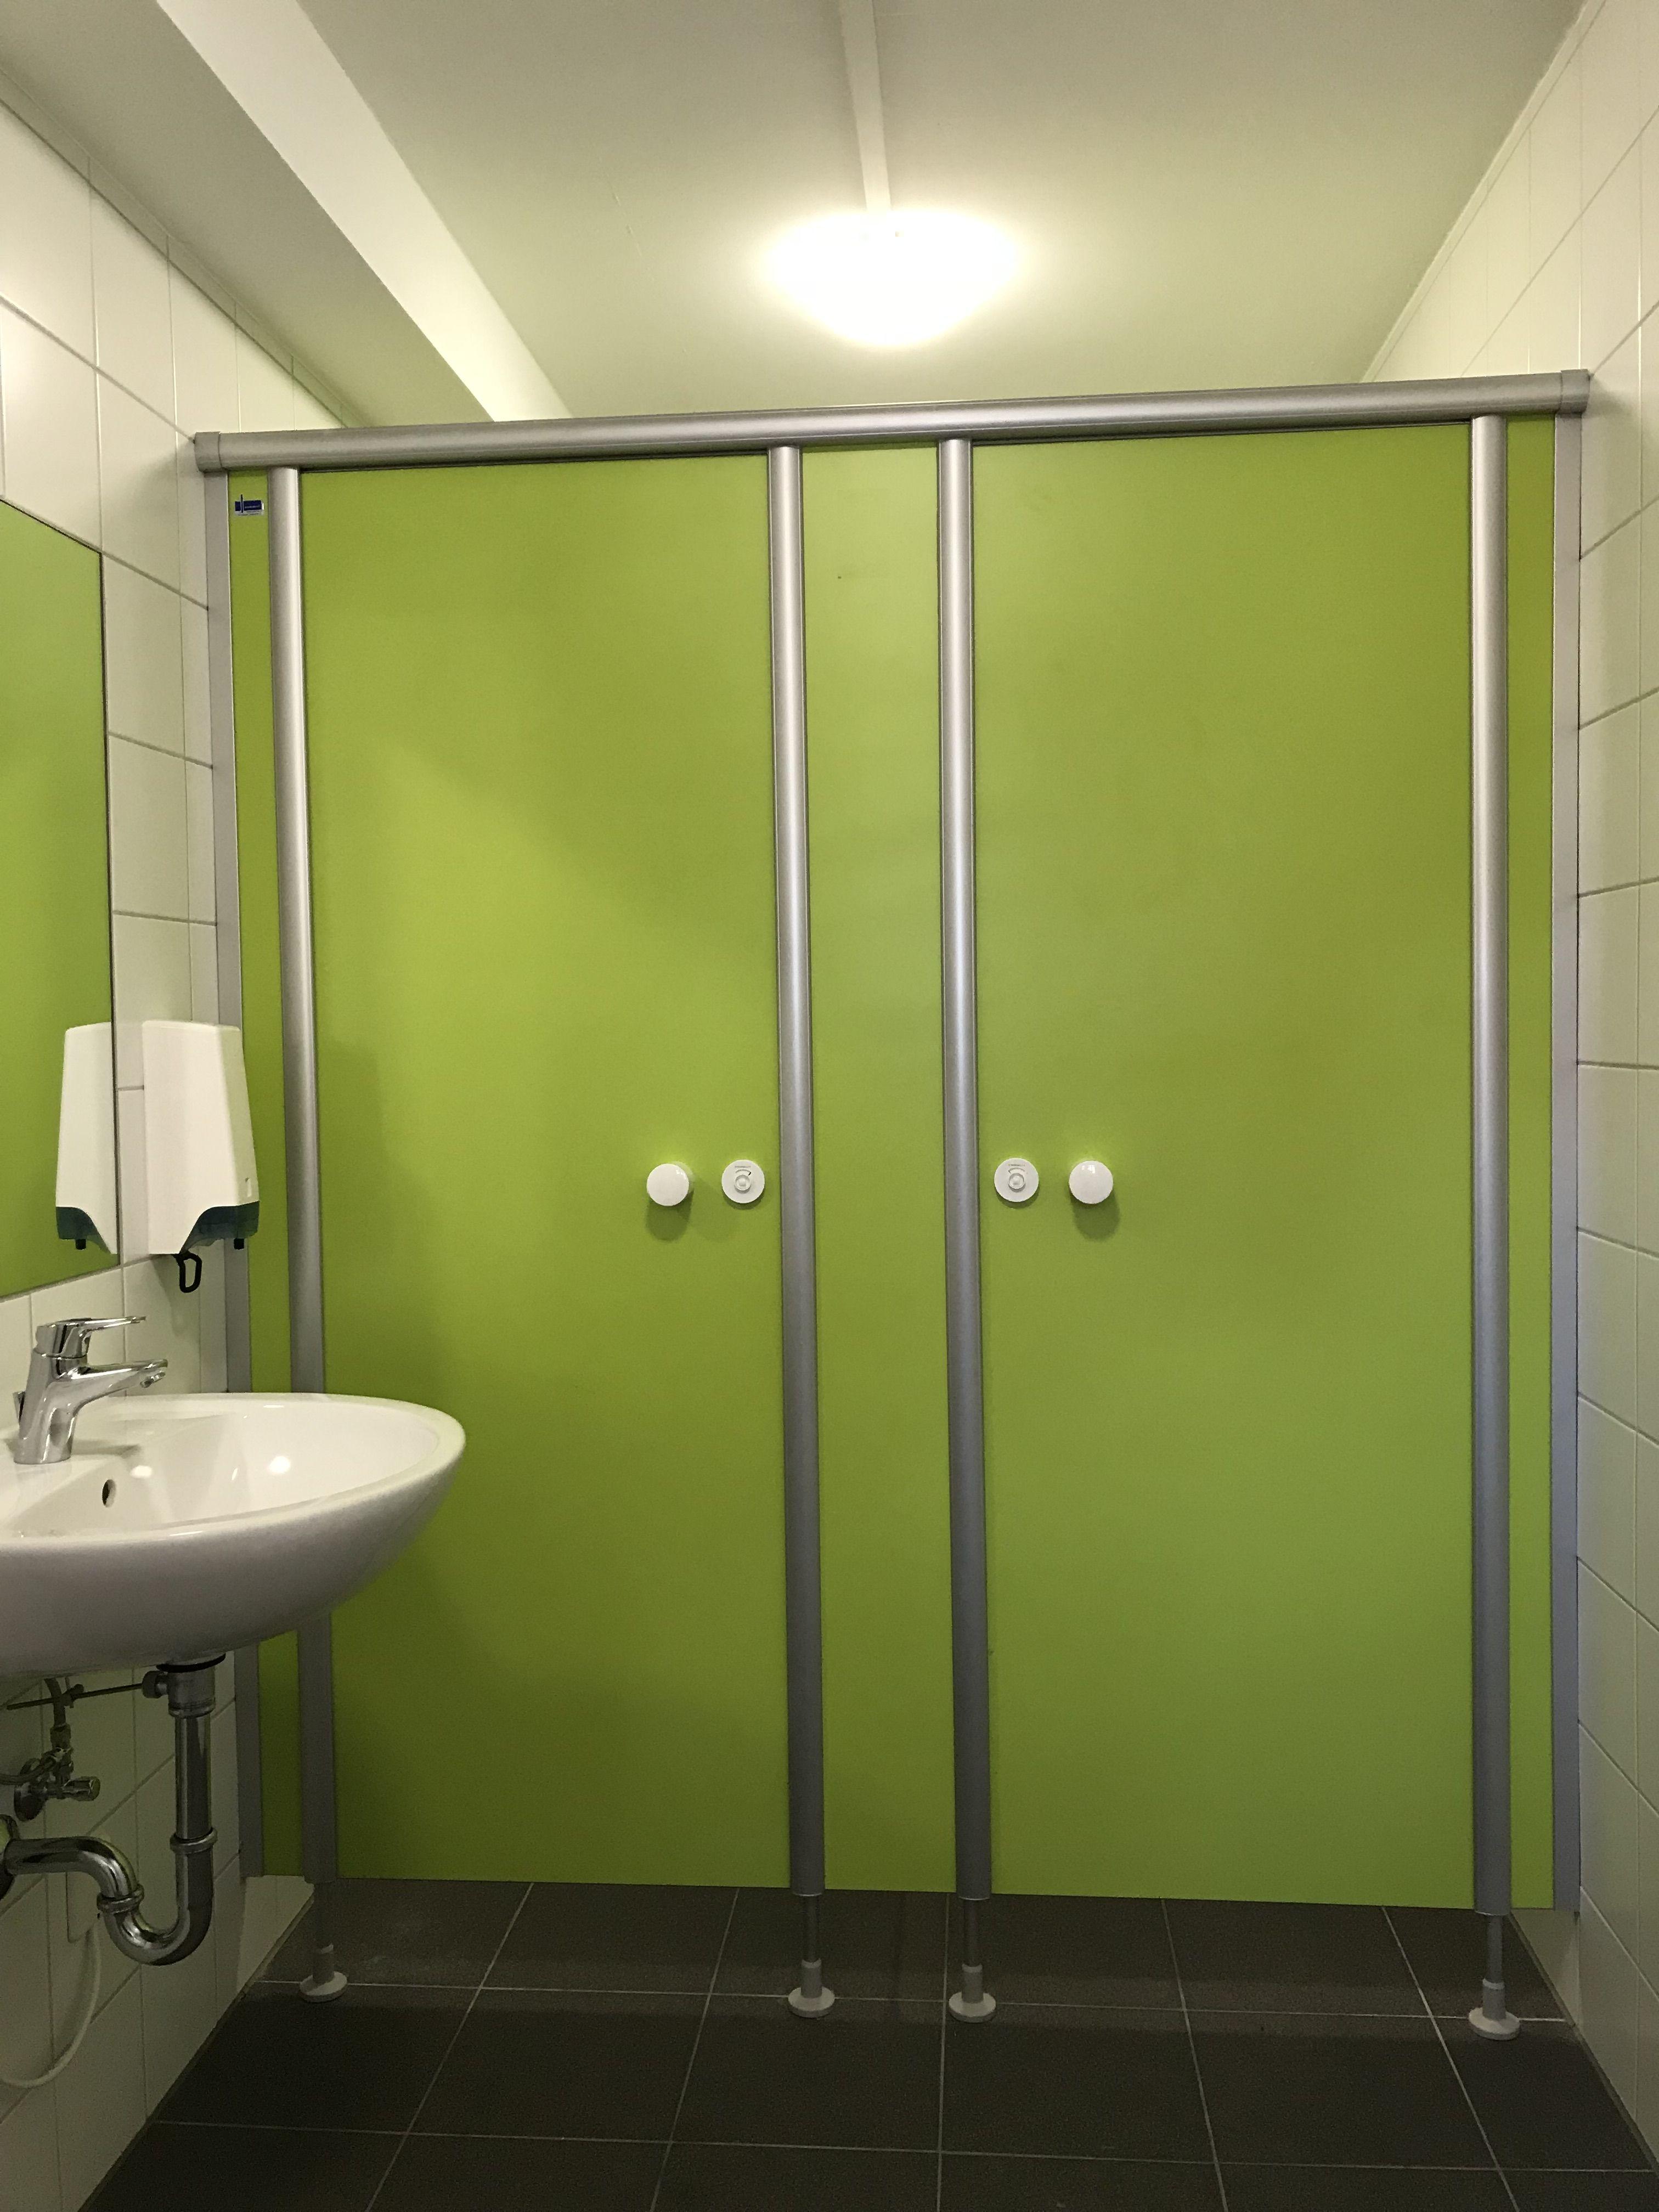 Wc Kabinenanlage C Basic Von Kemmlit In Farbe Limonengrun Mit Eloxierten Profilen Wc Trennwande Duschabtrennung Trennwand